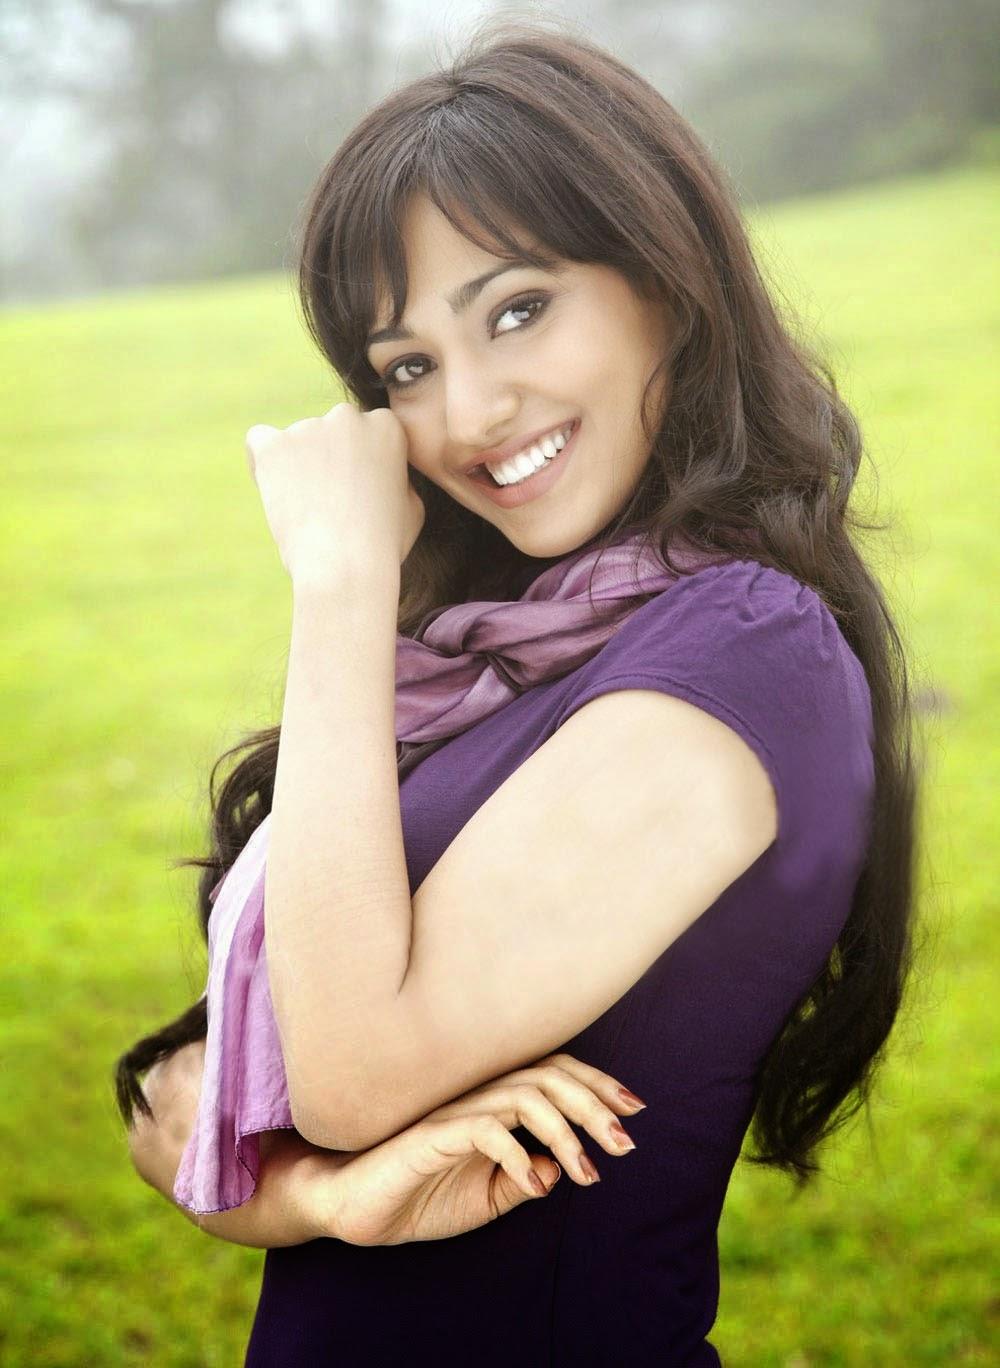 Actress Neha Sharma Hot Photo Gallery - Cap-2557